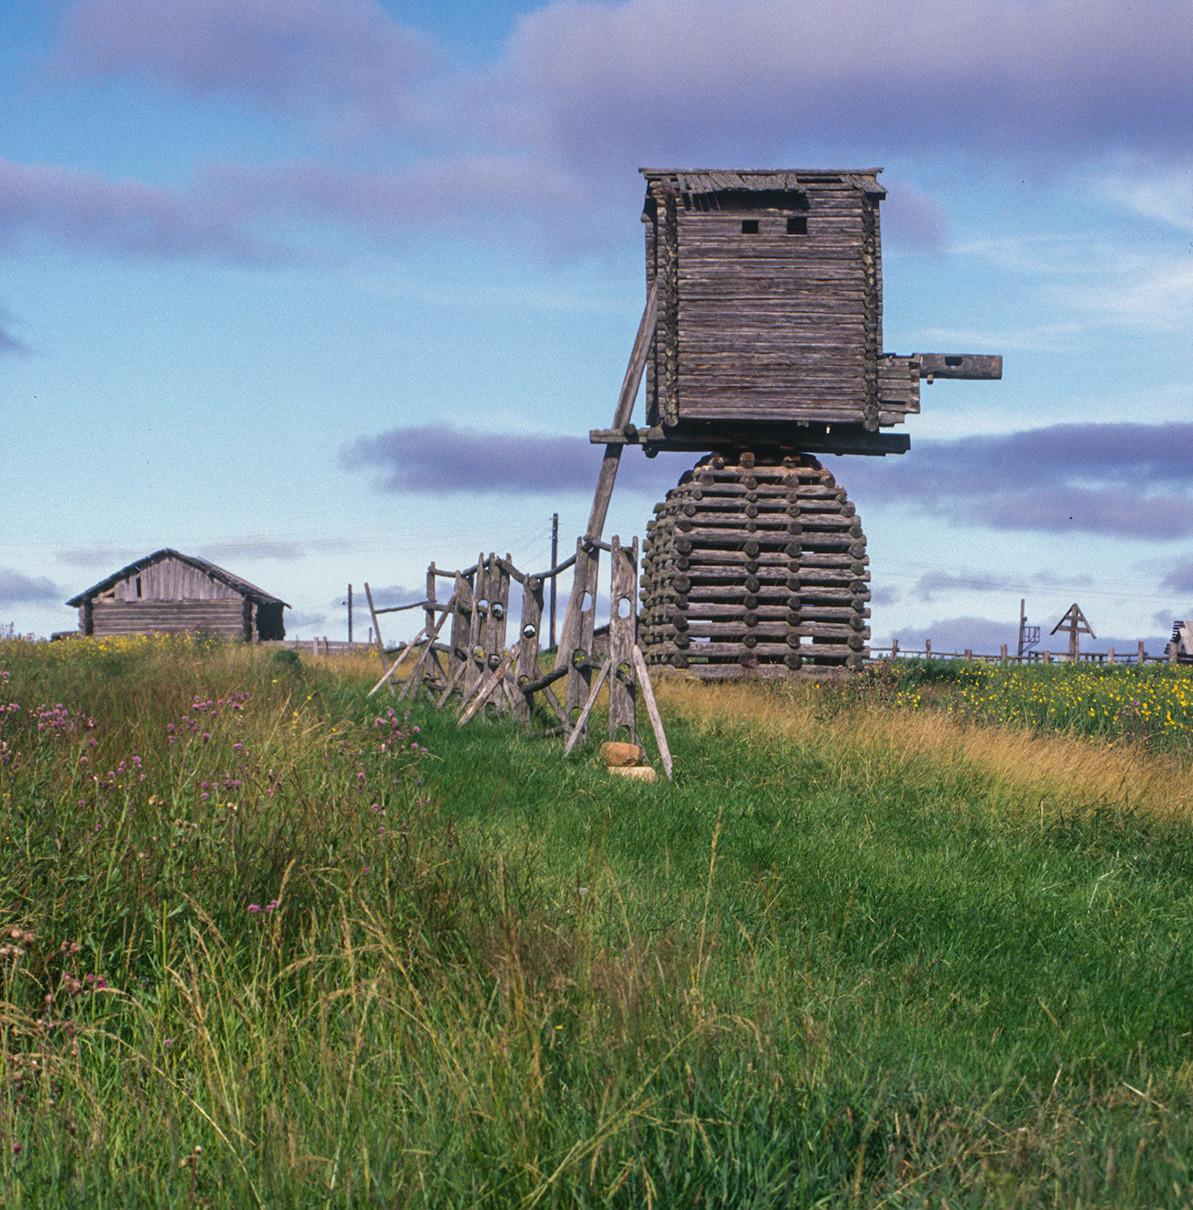 Kimža. Mlin na veter. Skrajno desno: križi na vaškem pokopališču. 2. avgust 2000